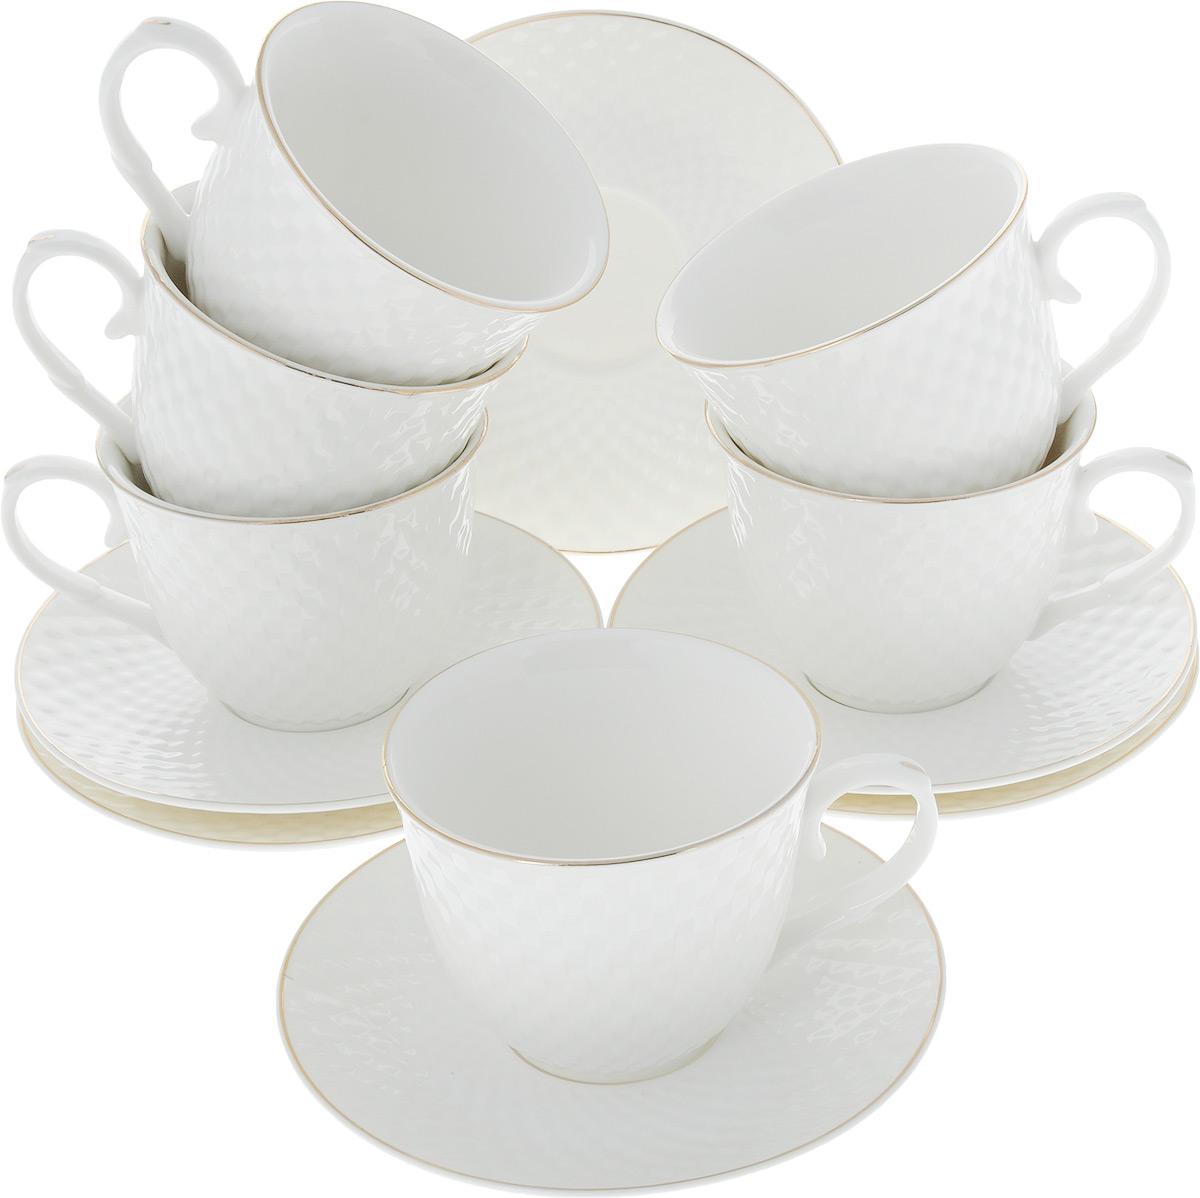 Сервиз чайный Loraine, 12 предметов. 26507115510Чайный сервиз Loraine на 6 персон выполнен из высококачественного костяного фарфора - материала, безопасного для здоровья и надолго сохраняющего тепло напитка. В наборе 6 чашек и 6 блюдец. Несмотря на свою внешнюю хрупкость, каждый из предметов набора обладает высокой прочностью и надежностью. Изделия украшены тонкой золотой каймой, внешние стенки дополнены изысканным рельефным орнаментом. Такой чайный набор станет украшением стола, а процесс чаепития превратится в одно удовольствие!Набор упакован в подарочную коробку, поэтому его можно преподнести в качестве оригинального и практичного подарка для родных и близких. Объем чашки: 200 мл. Диаметр чашки (по верхнему краю): 8,5 см. Высота чашки: 7 см. Диаметр блюдца: 13,5 см.